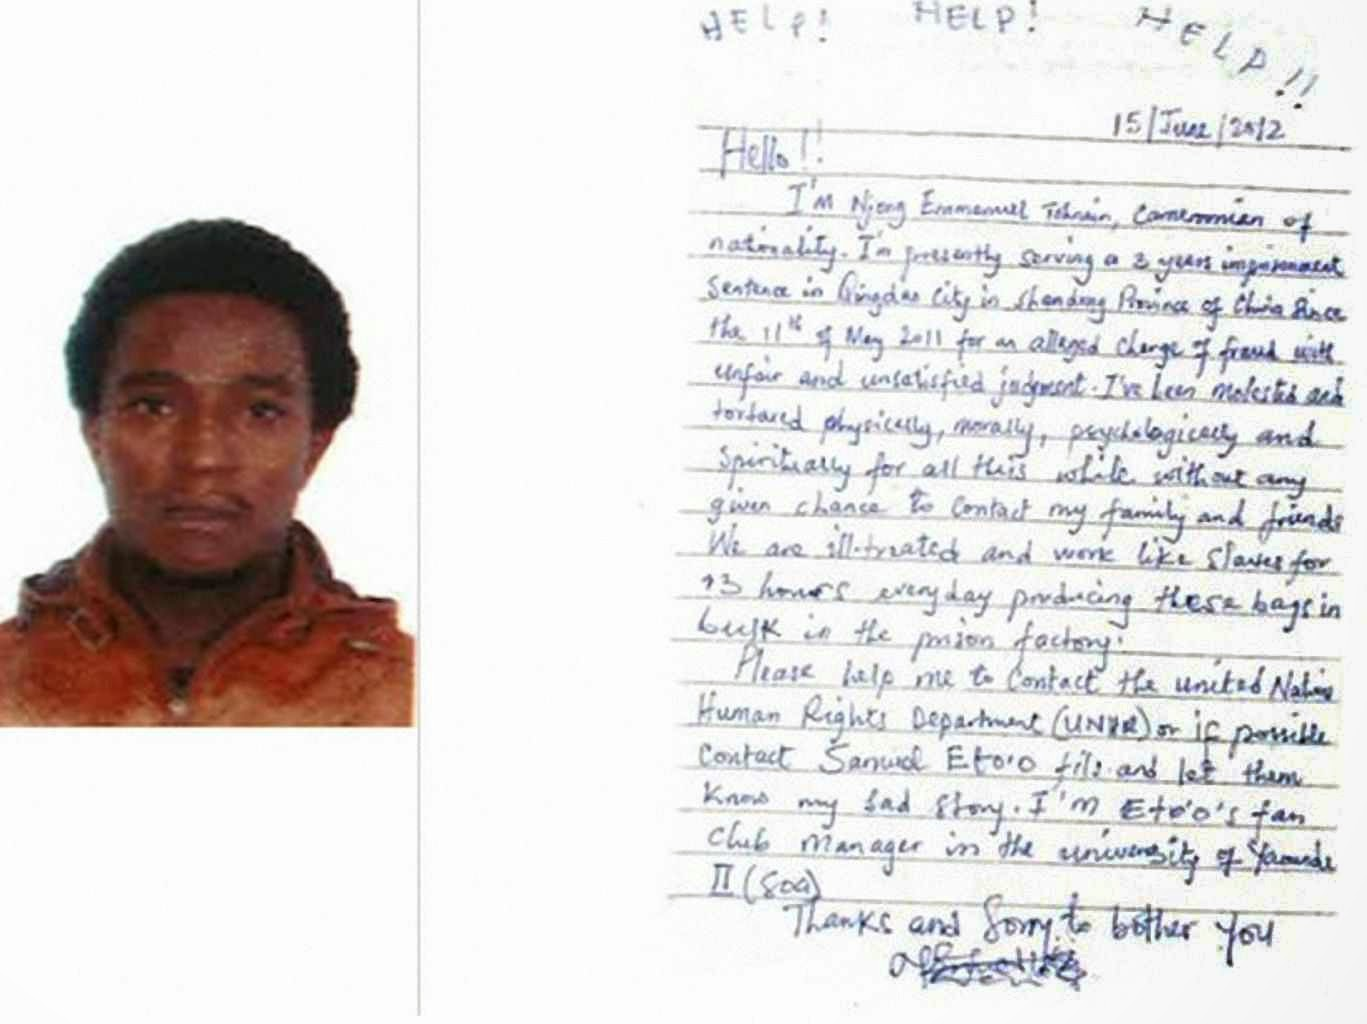 A carta com o apelo do trabalhador escravo